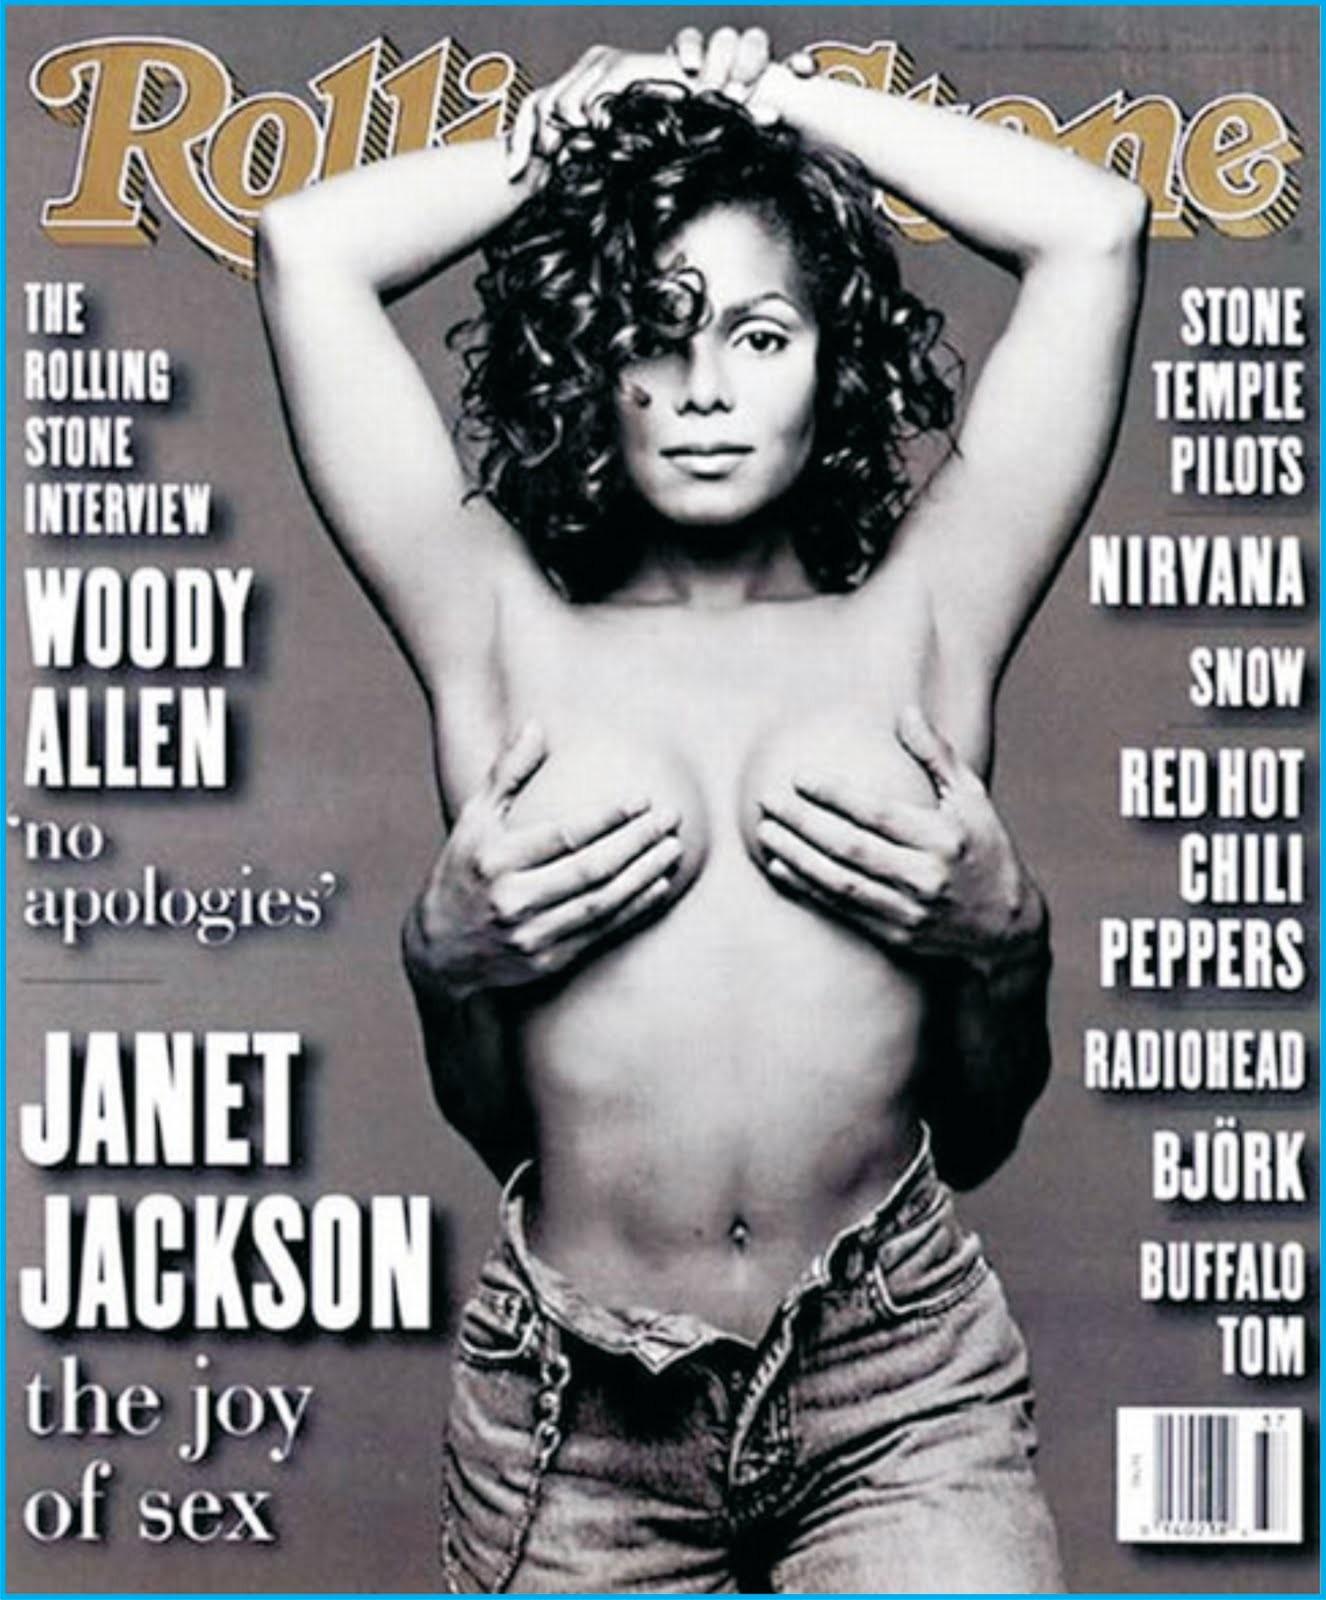 Janet Jackson na 'Rolling Stone' de setembro de 1993. (Foto: Reprodução)